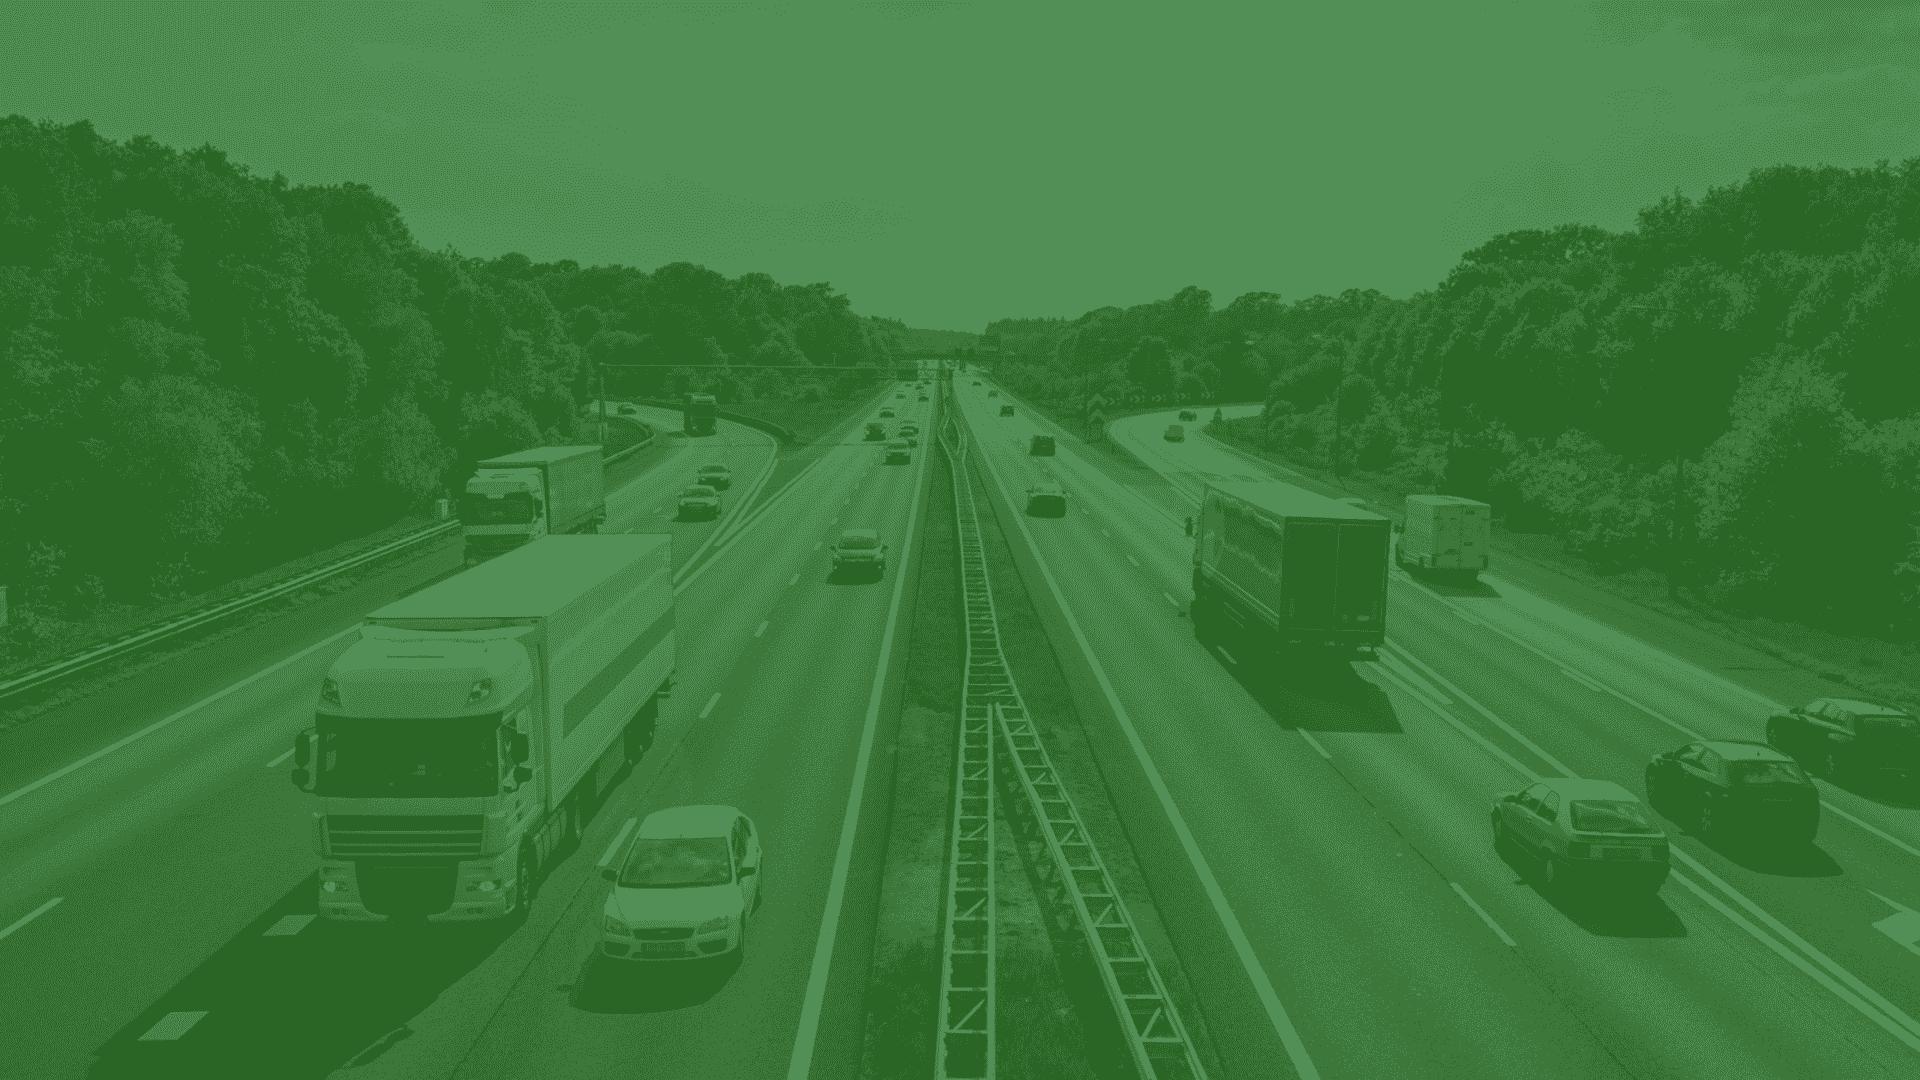 Snelweg groen